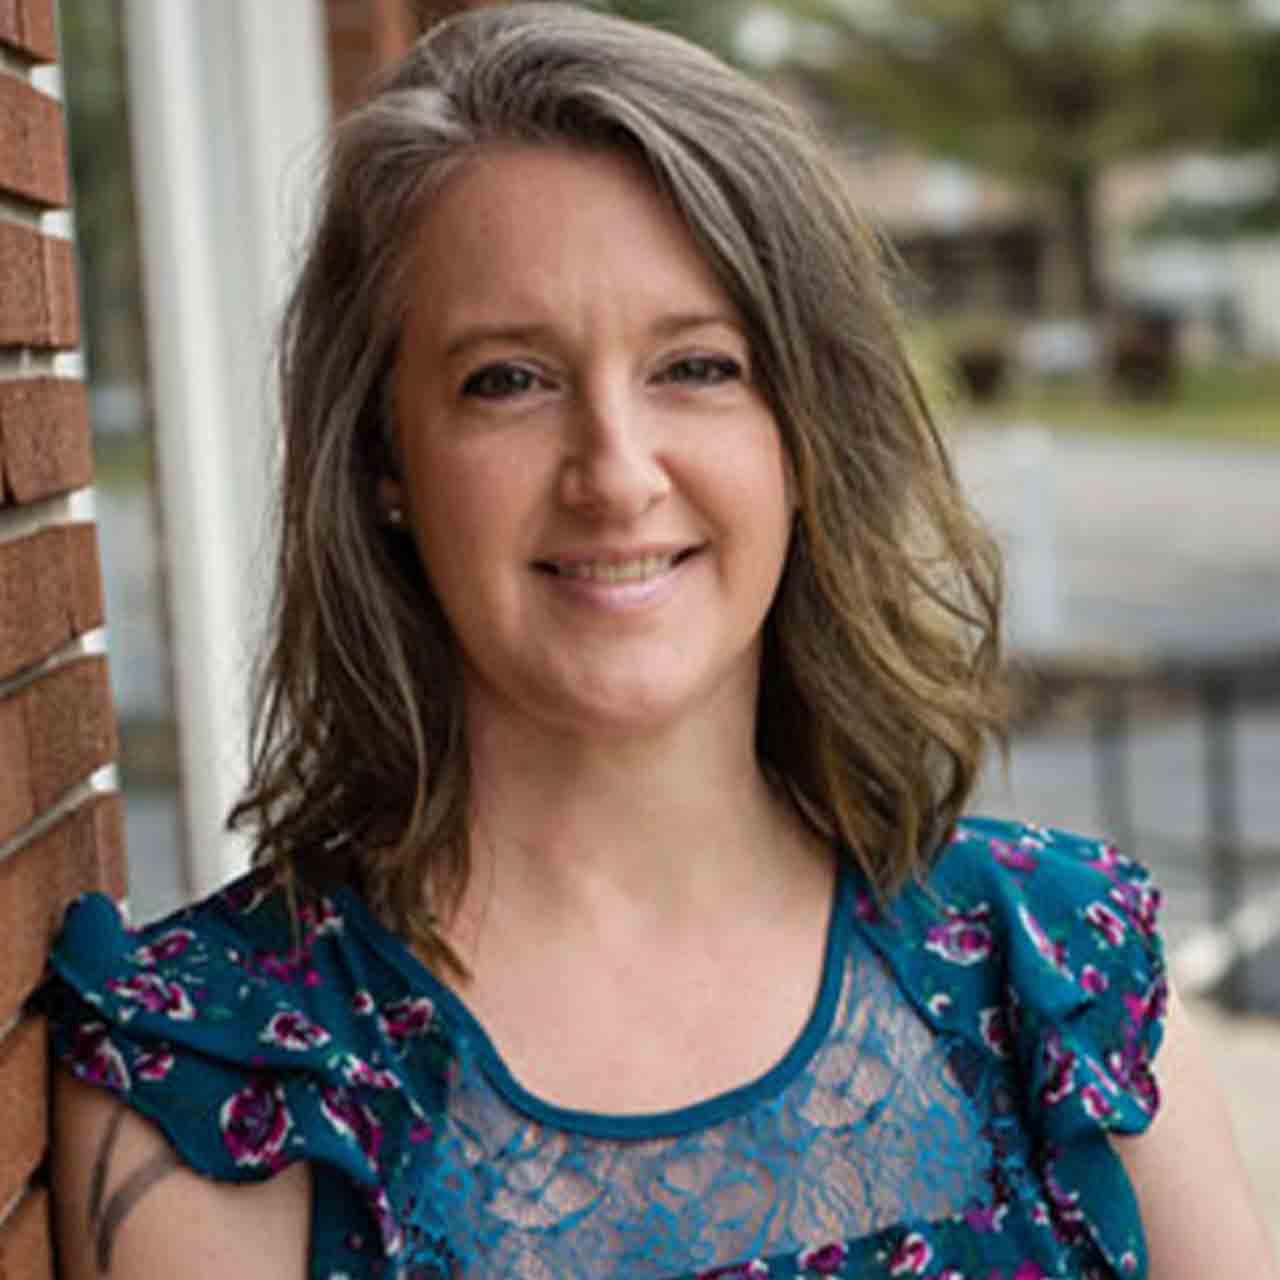 Julie Blevins